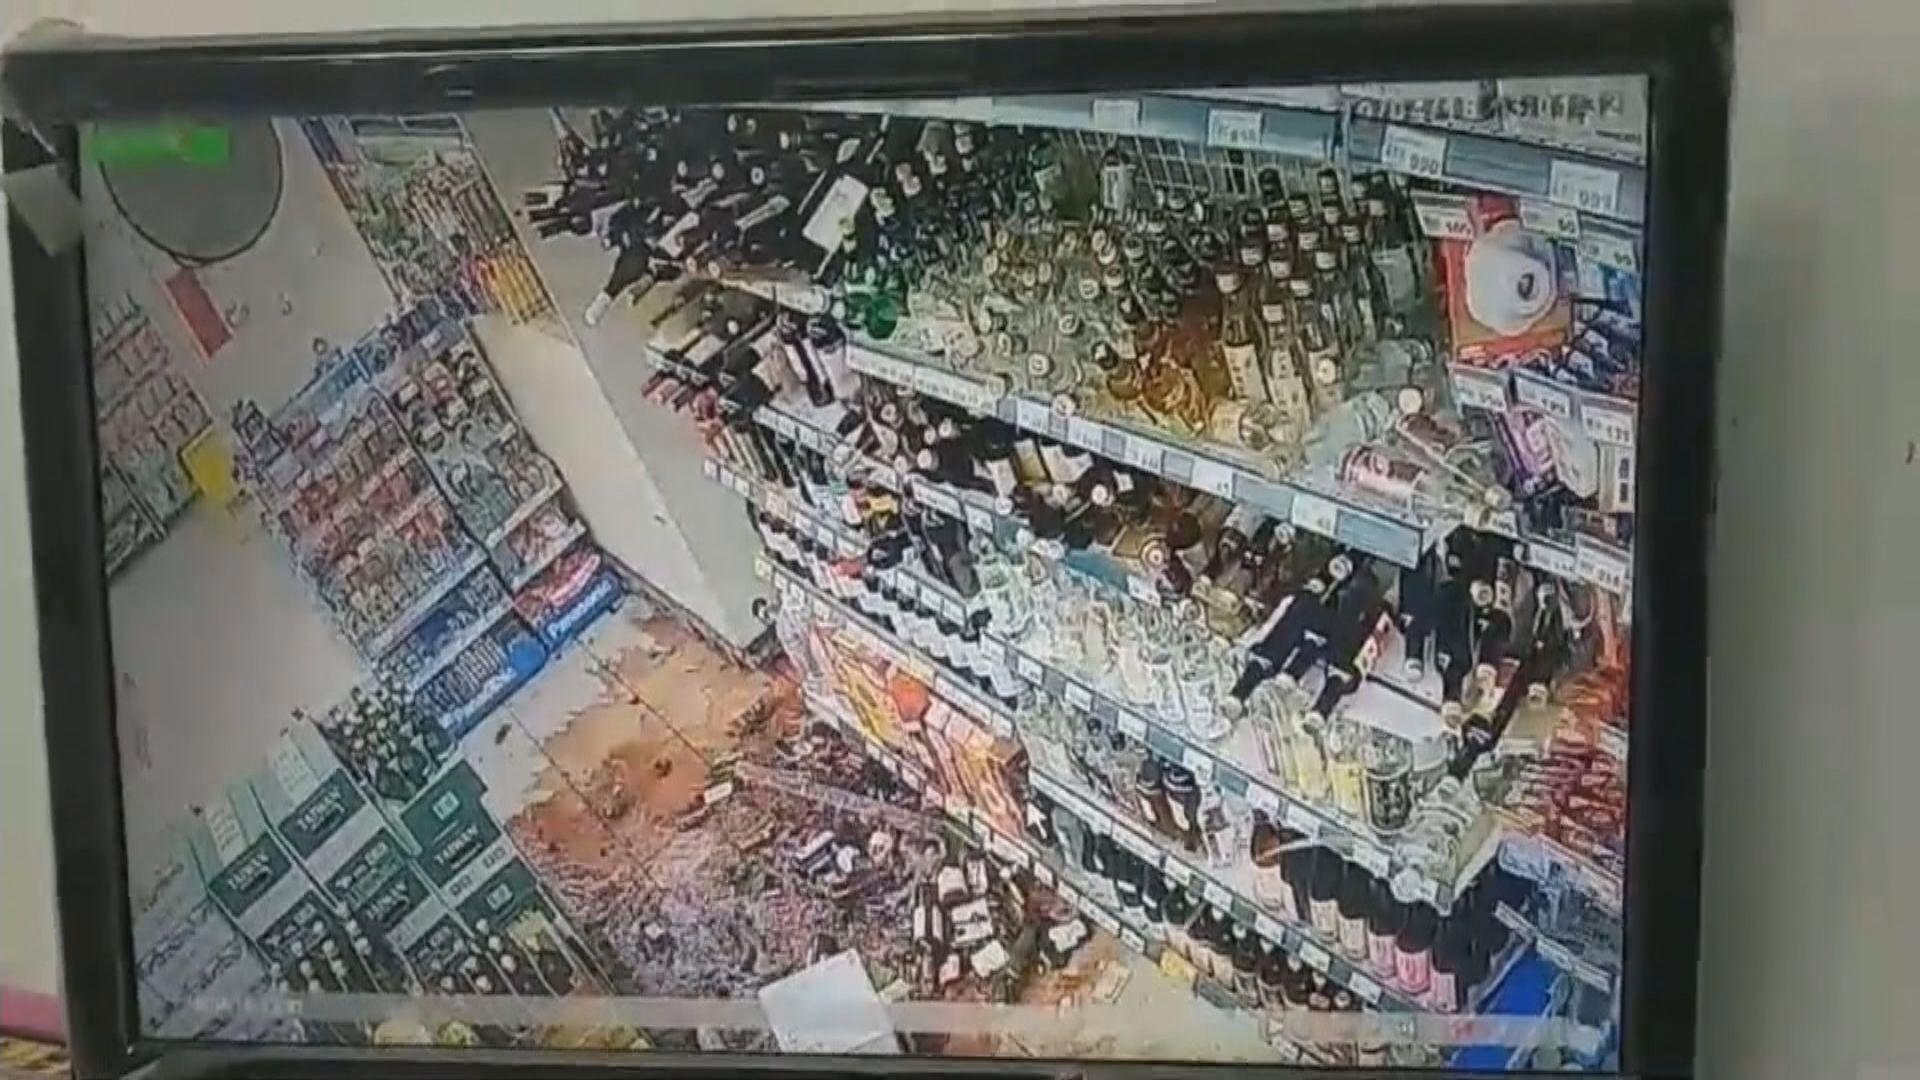 【花蓮地震】專家指台灣仍有13.3顆原子彈能量待釋放